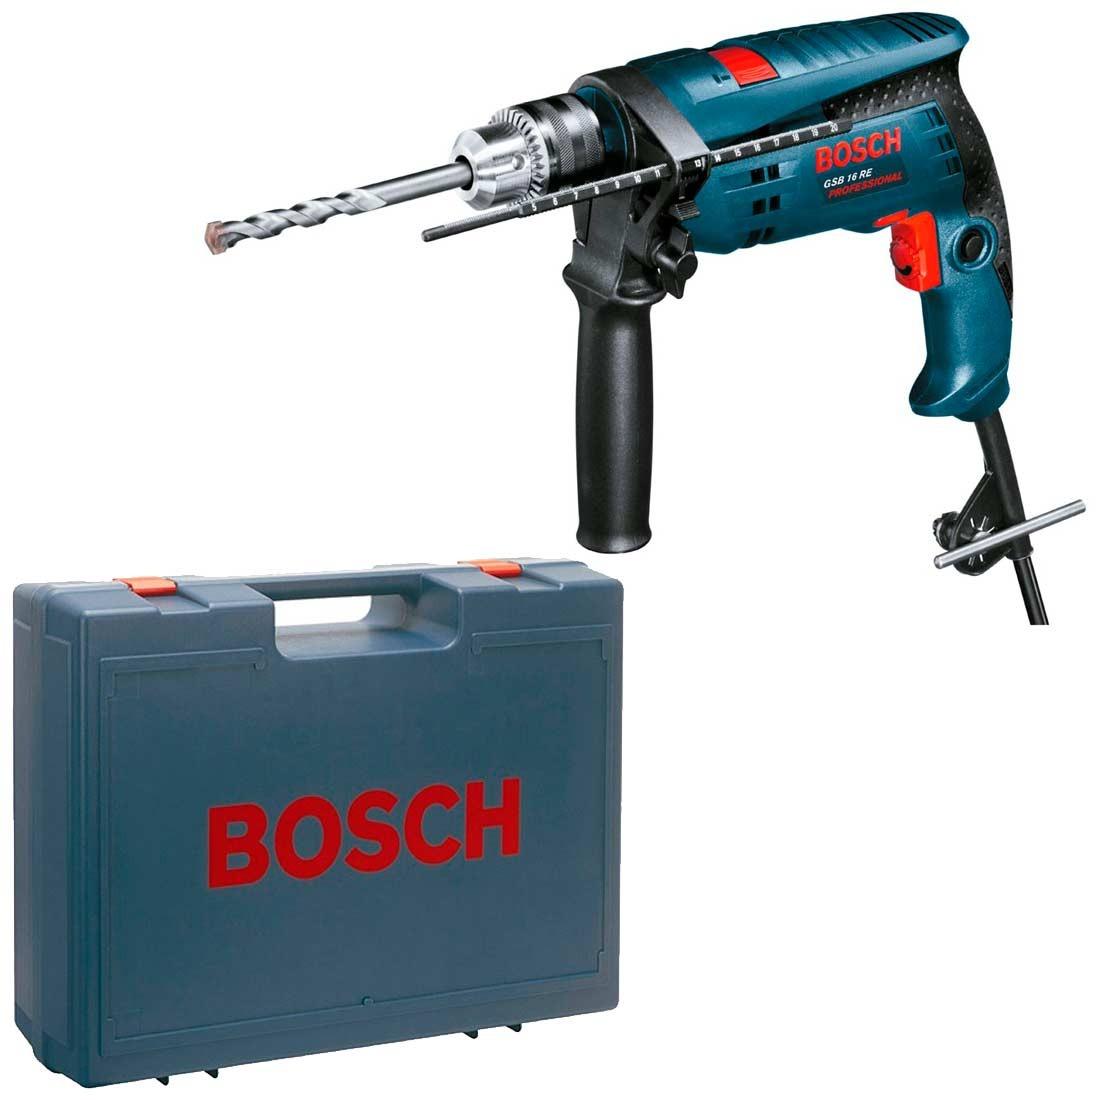 Furadeira de impacto 700w 1 2 39 39 gsb 16 re 127v bosch r - Bosch gsb 16 re ...